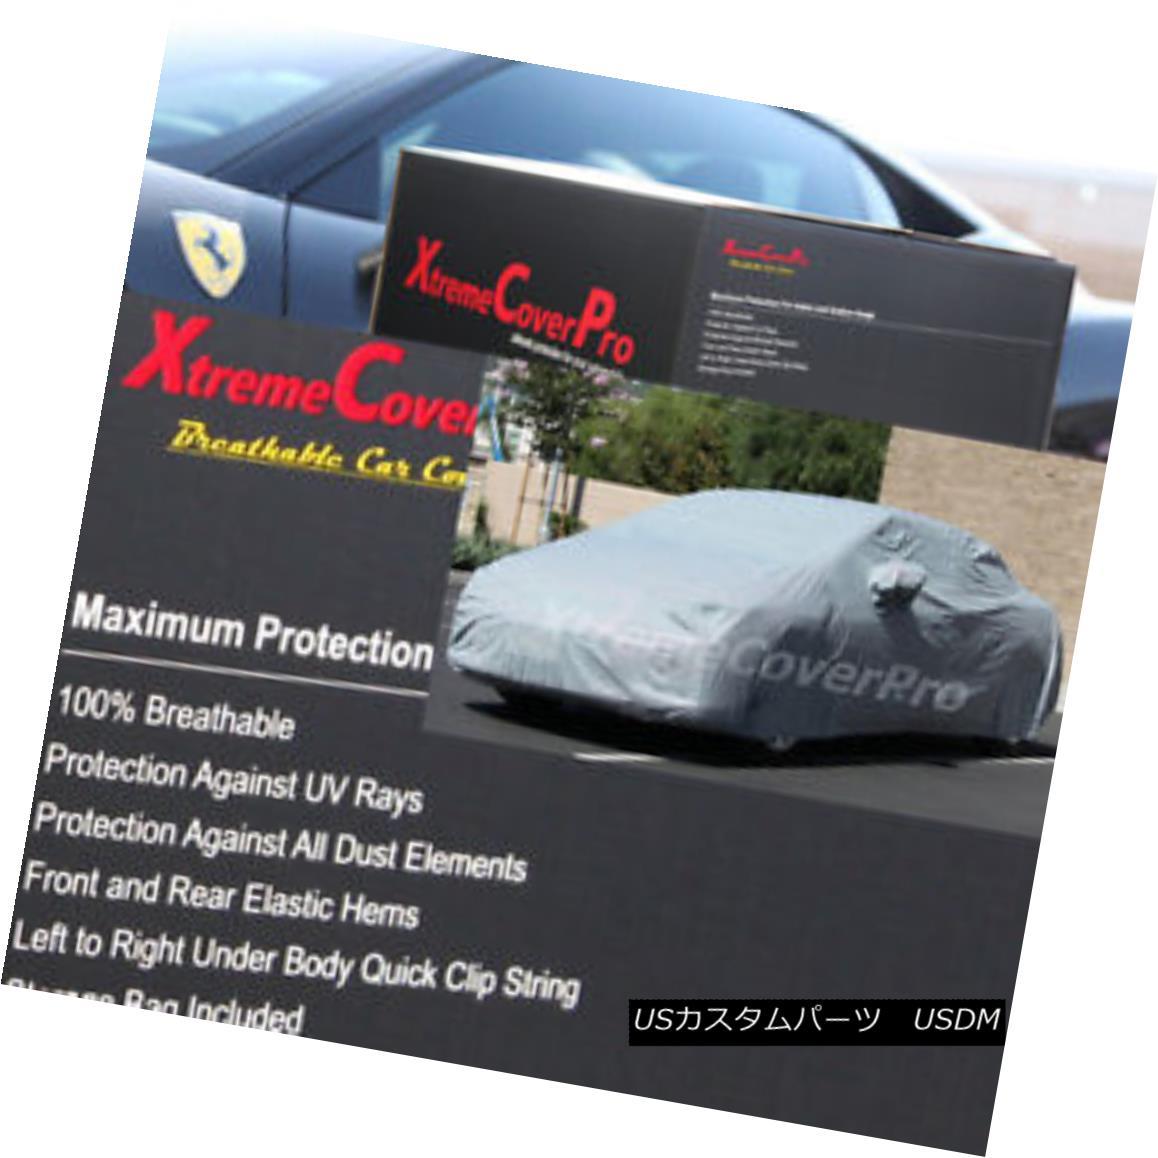 カーカバー 1998 1999 2000 2001 Chrysler Concorde Breathable Car Cover w/MirrorPocket 1998年1999年2000年2001年MirrorPocket付きクライスラーコンコルド通気性車カバー